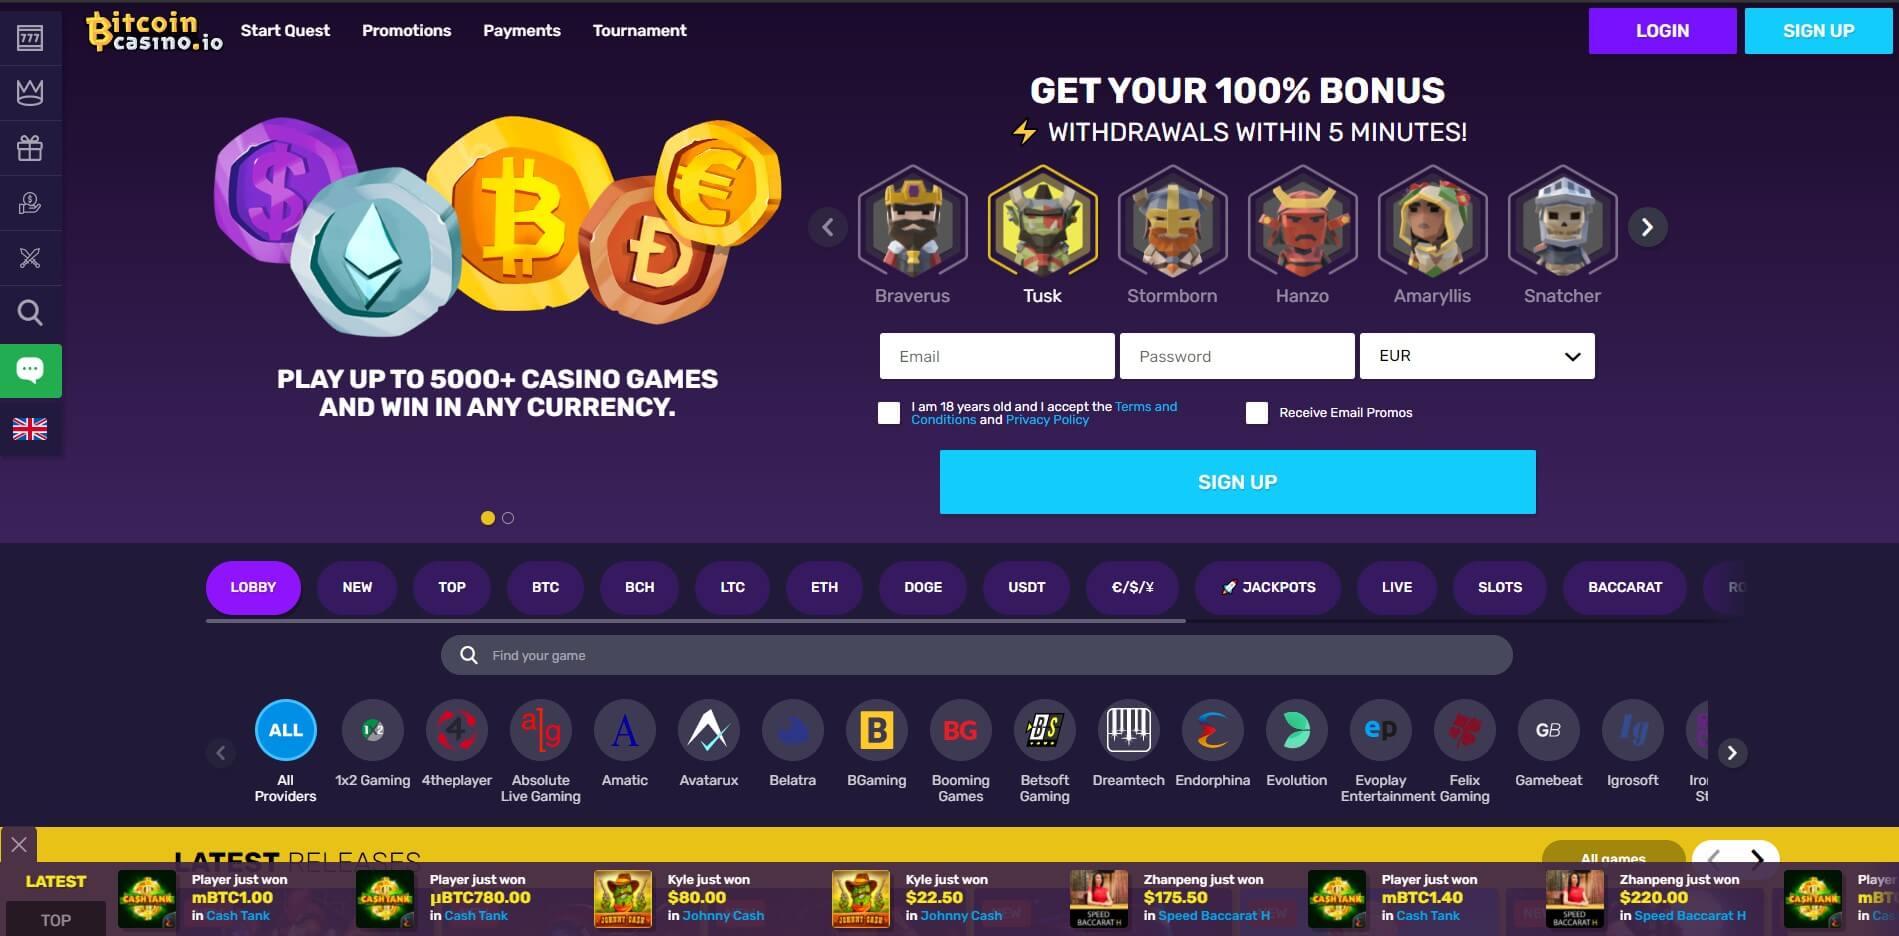 bitcoincasino.io - Website Review